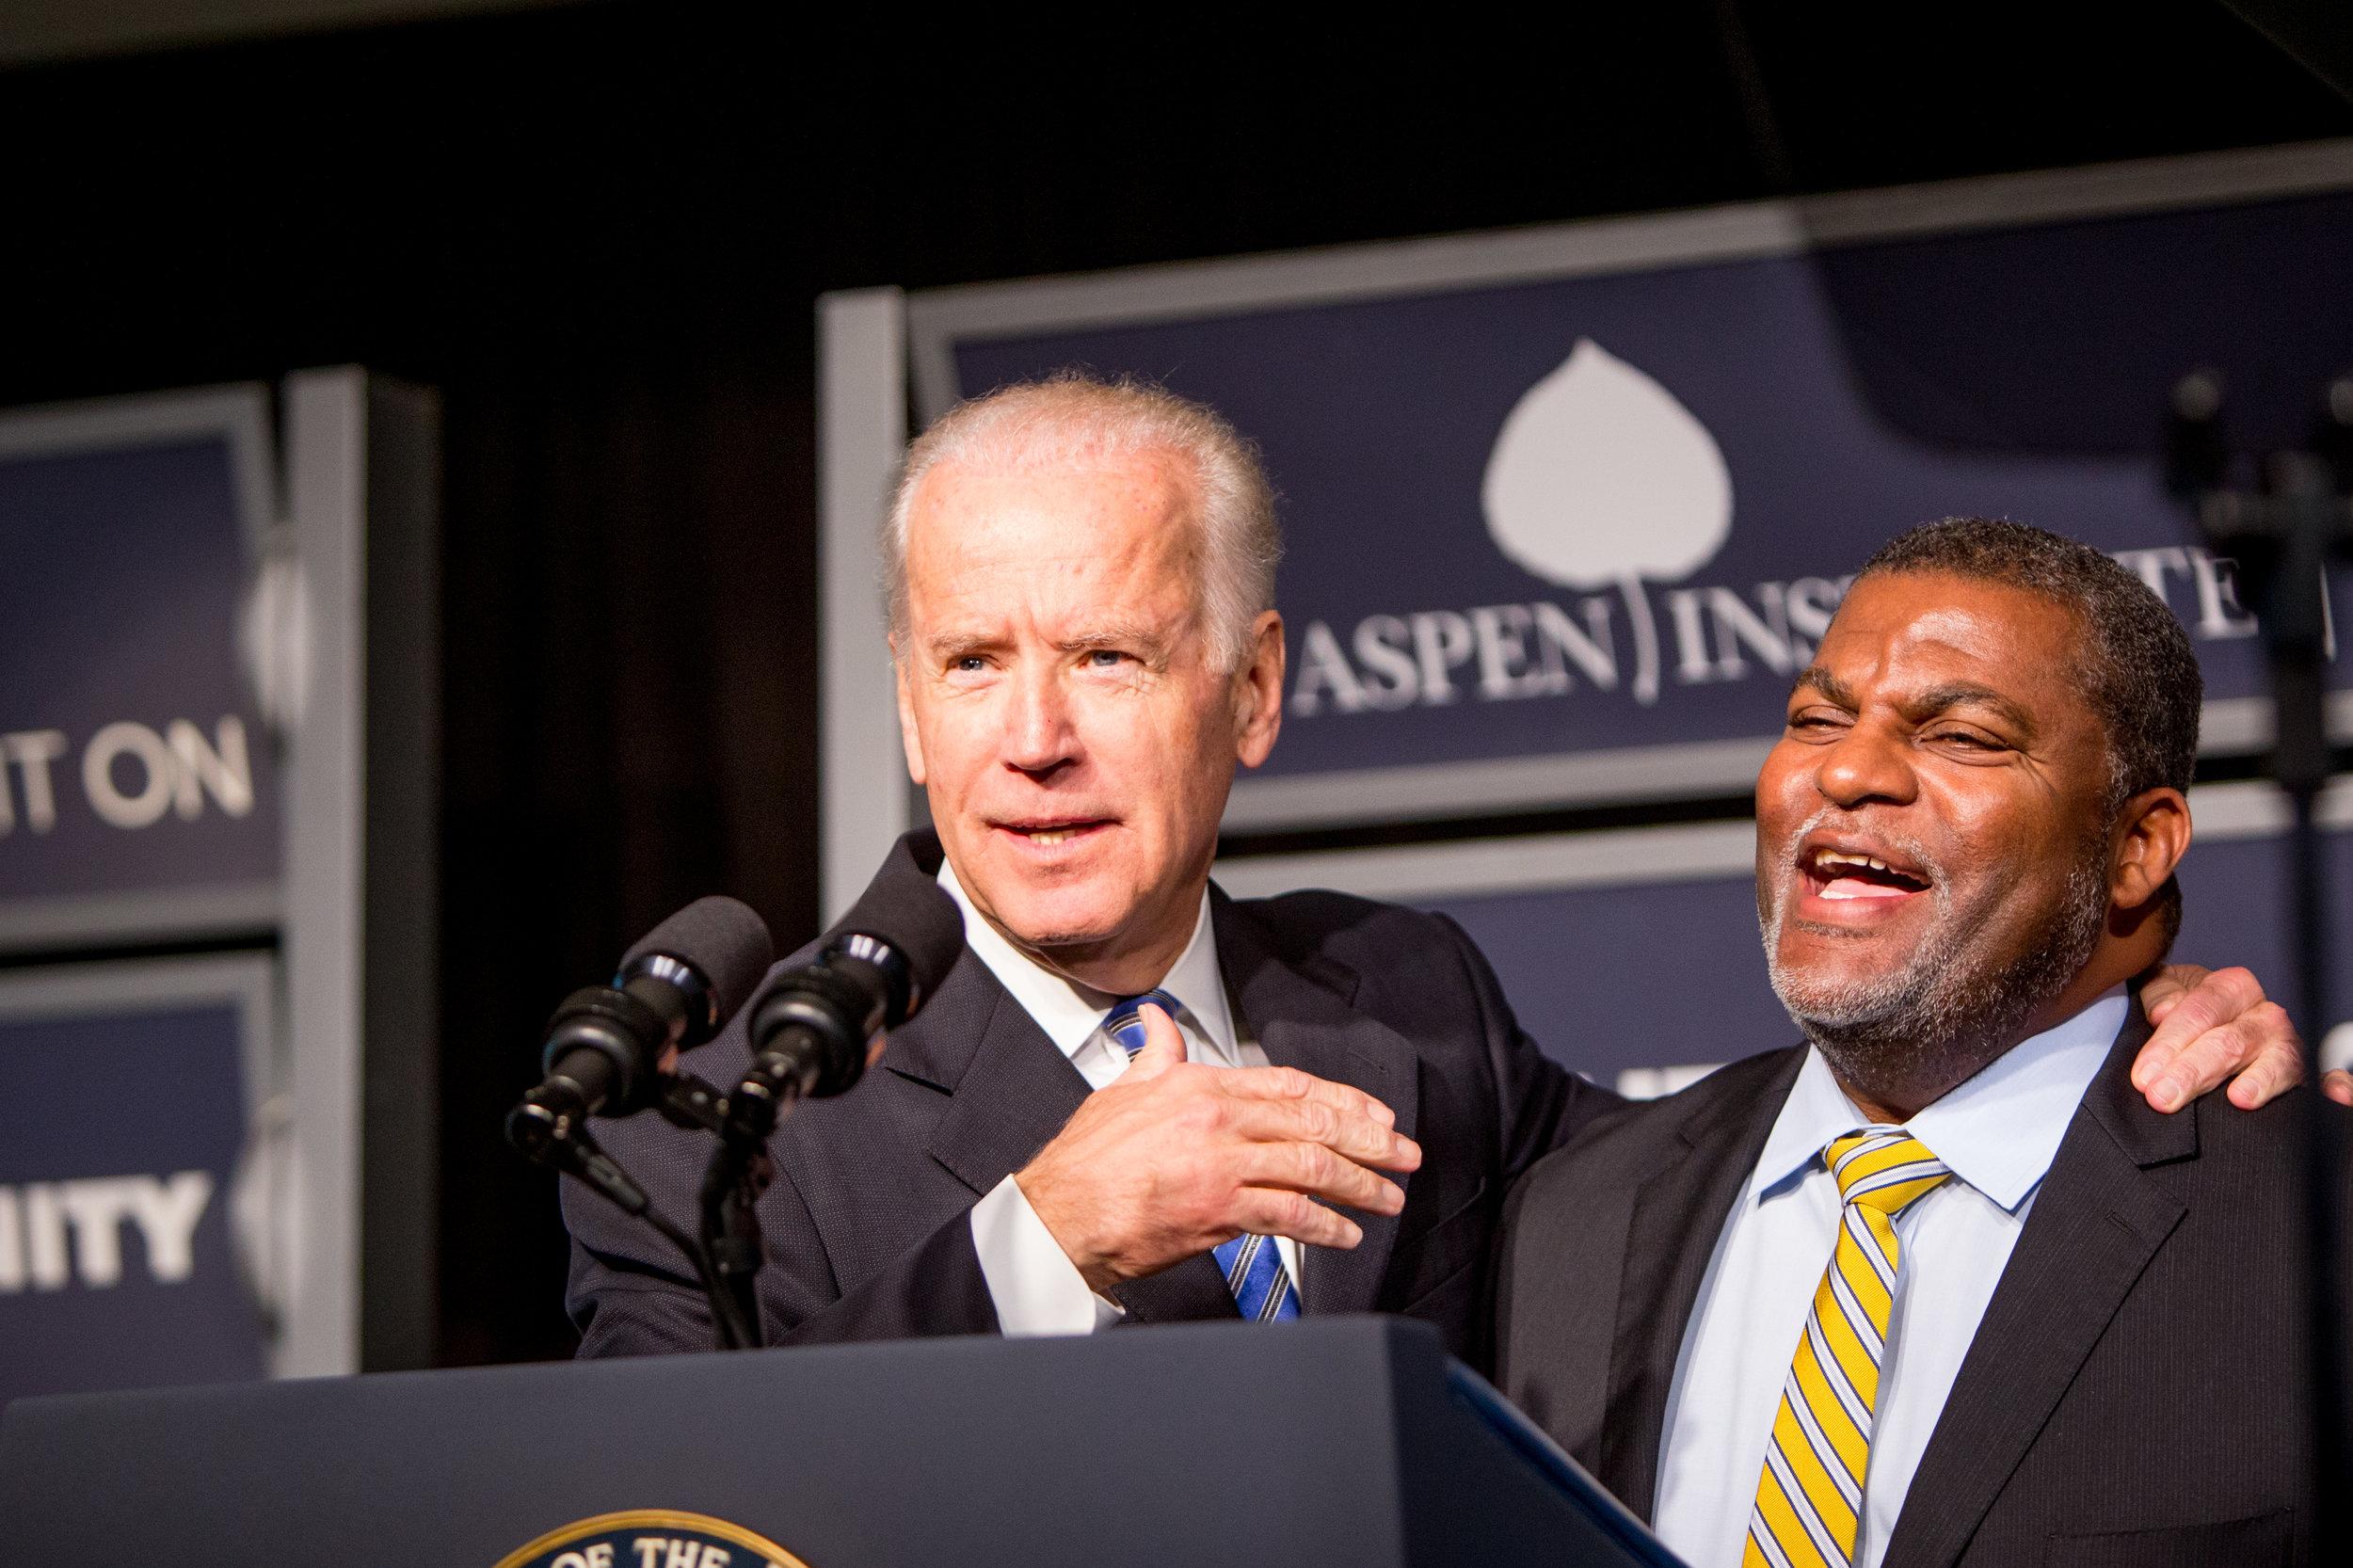 Video: Joe Biden at the 2016 Summit